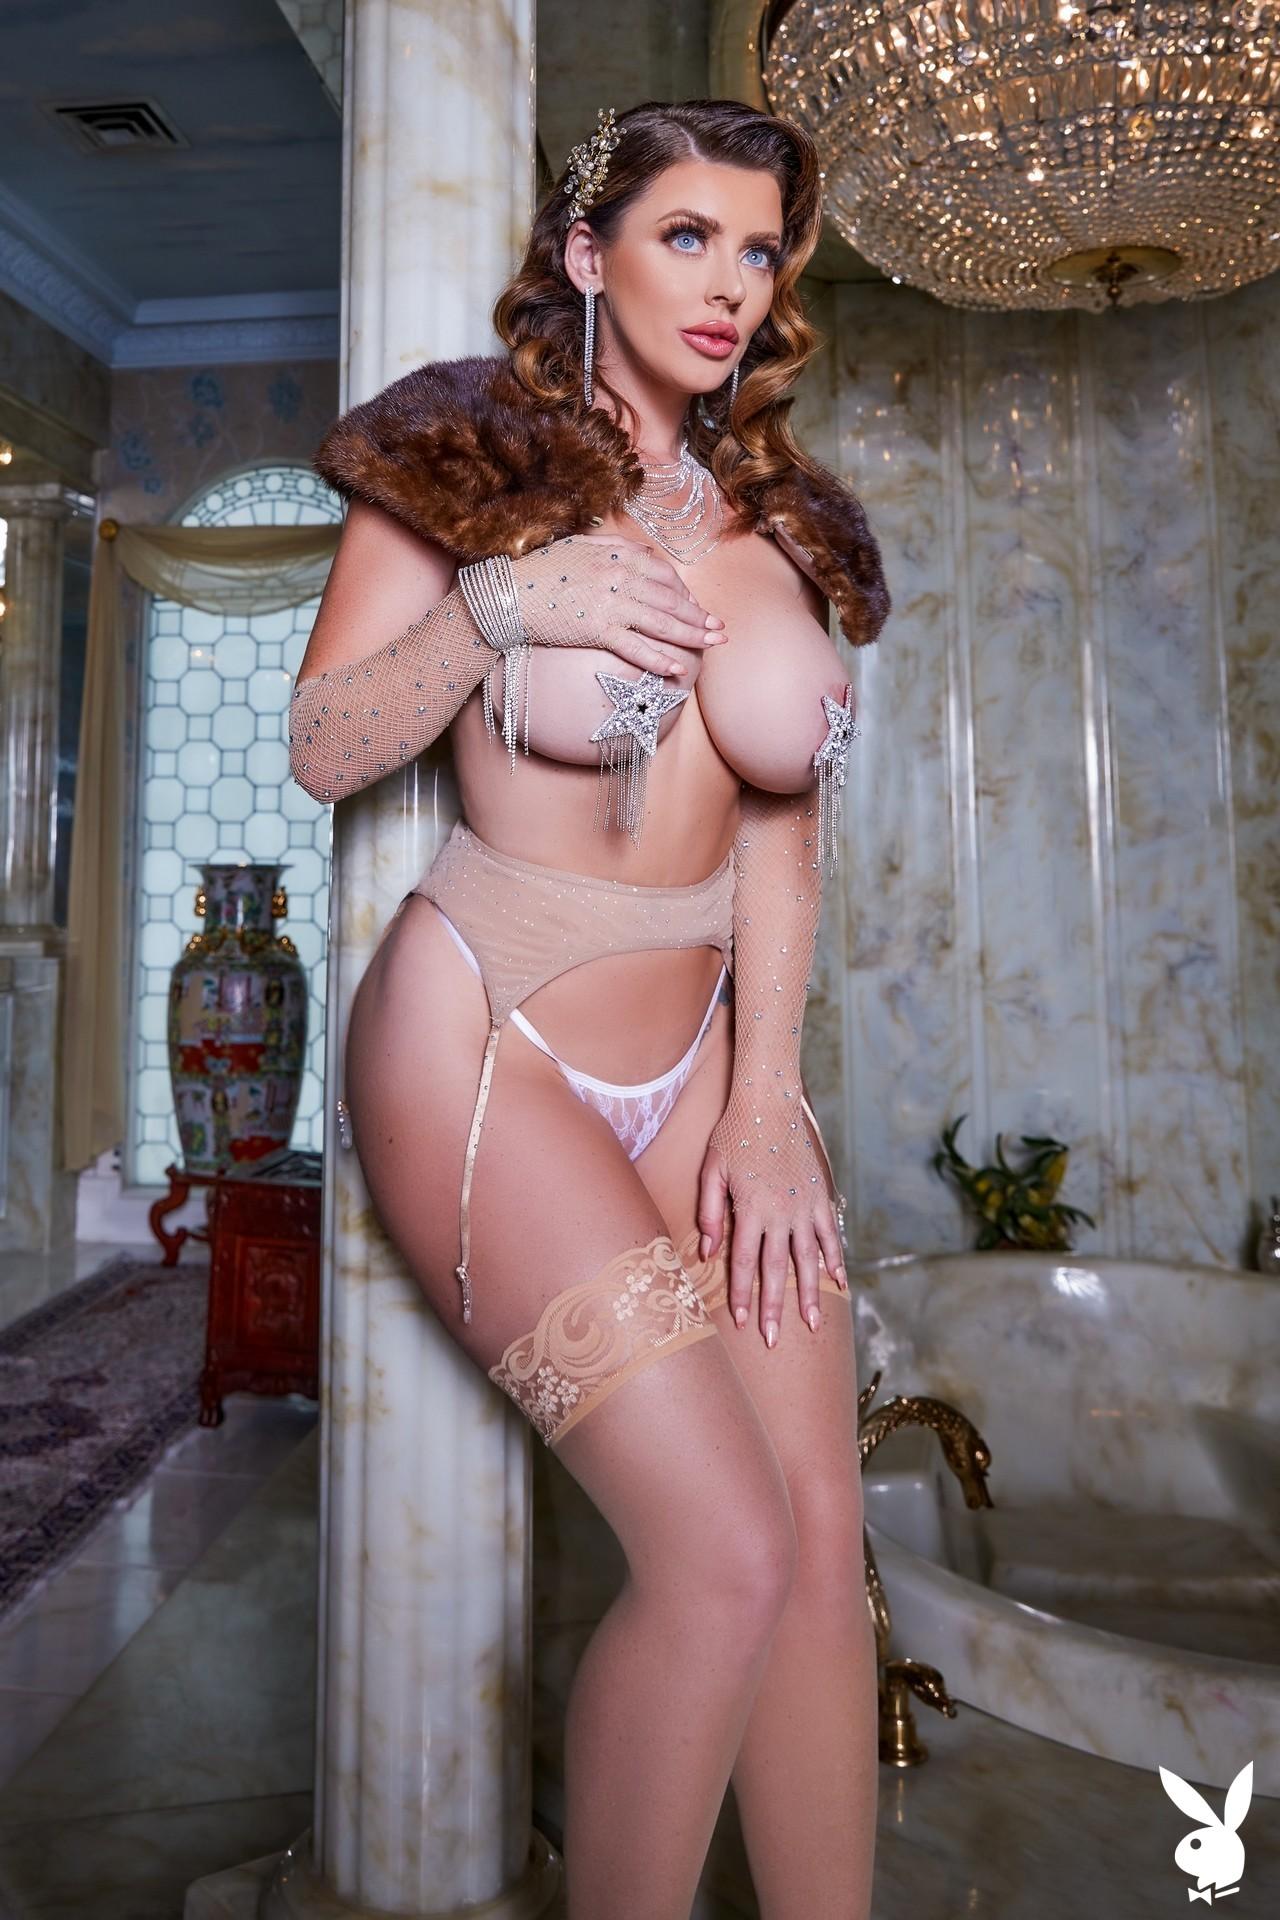 Sophie Dee In Shooting Stars Playboy Plus (34)